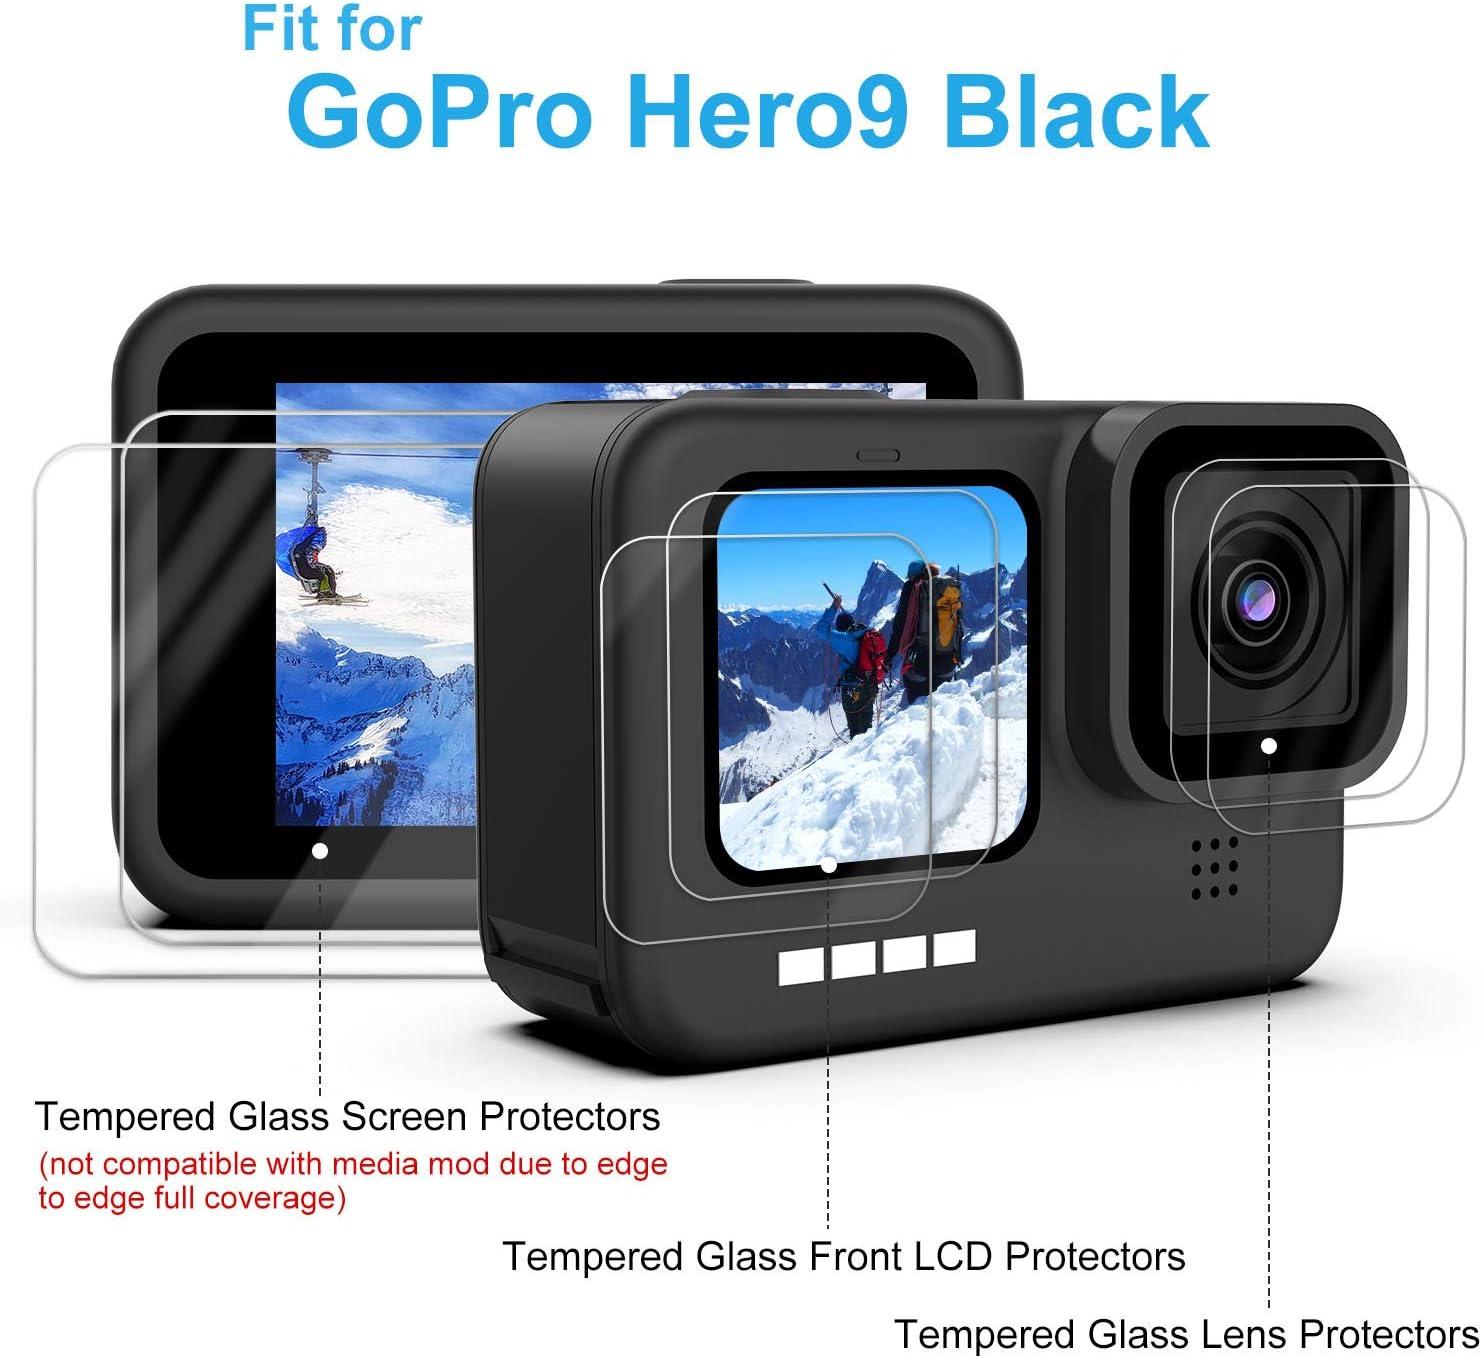 Maxku Lot de 6 Films de Protection D/écran en Verre Blind/é Pour GoPro Black 9 Noir 2 Films de Protection d/écran HD 2 Films de Protection d/écran en verre Tremp/é 2 films de Protection d/écran